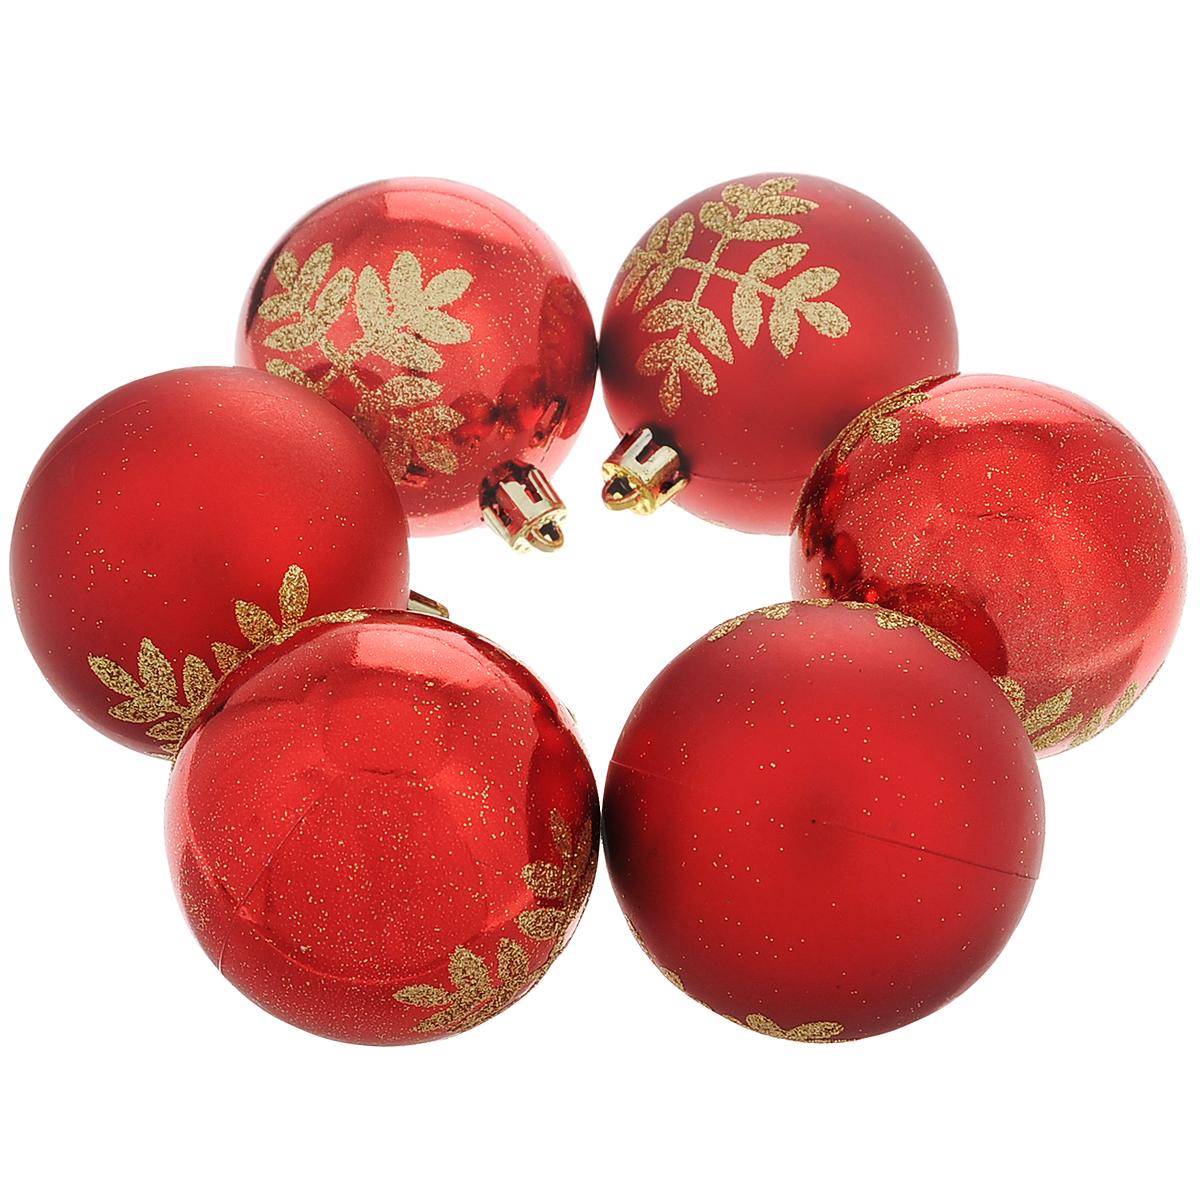 Набор новогодних подвесных украшений Шар, цвет: красный, золотистый, диаметр 6 см, 6 шт. 3550835508Набор новогодних подвесных украшений Шар прекрасно подойдет для праздничного декора новогодней ели. Состоит из шести шаров.Елочная игрушка - символ Нового года. Она несет в себе волшебство и красоту праздника. Создайте в своем доме атмосферу веселья и радости, украшая новогоднюю елку нарядными игрушками, которые будут из года в год накапливать теплоту воспоминаний. Коллекция декоративных украшений принесет в ваш дом ни с чем несравнимое ощущение волшебства! Откройте для себя удивительный мир сказок и грез. Почувствуйте волшебные минуты ожидания праздника, создайте новогоднее настроение вашим дорогим и близким.